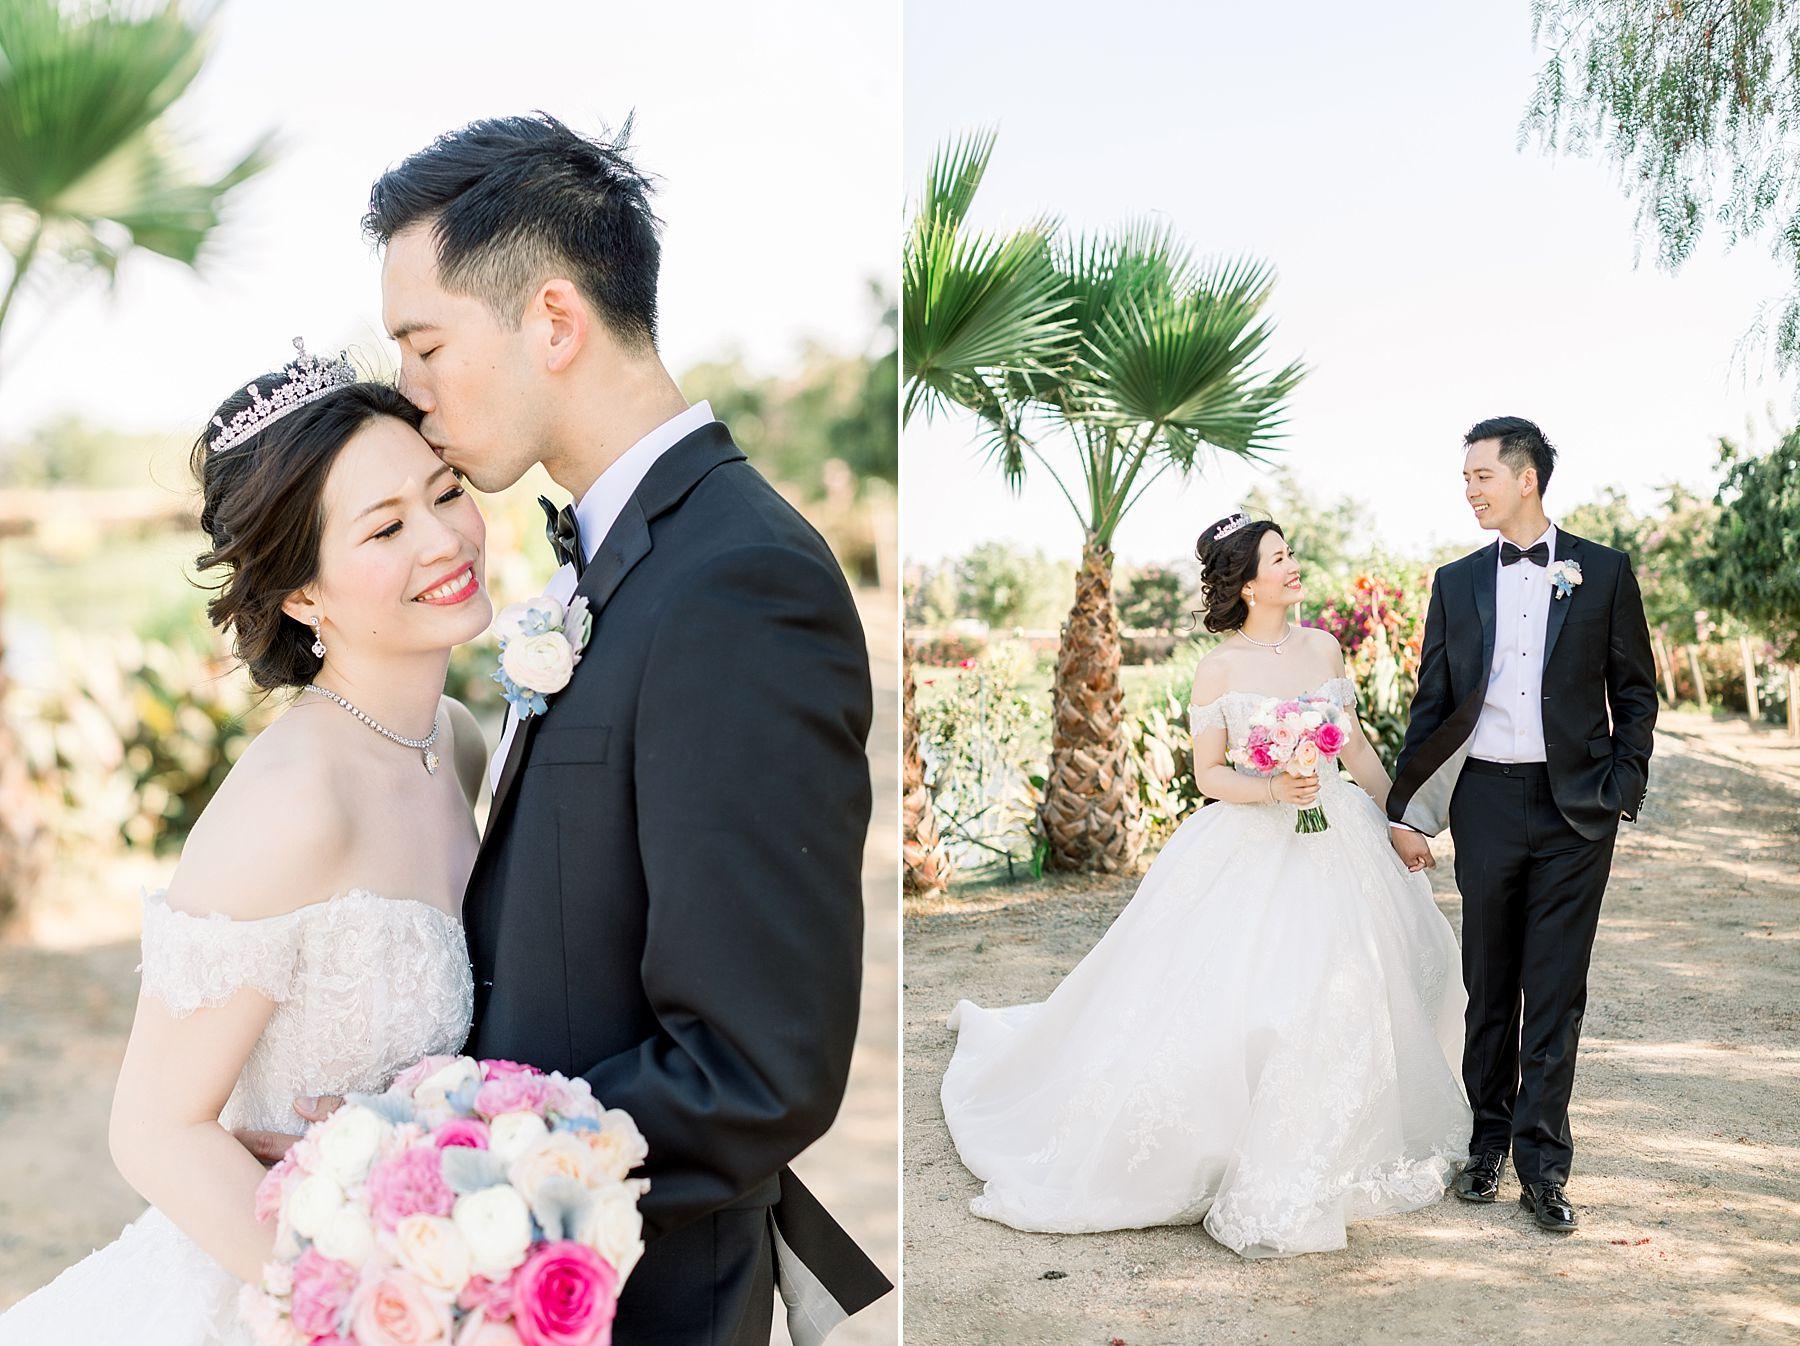 Newberry Estate Vineyards Wedding - Ashley Baumgartner - Jasmine and Johhny - Bay Area Wedding Photographer - Sacramento Wedding Photographer_0025.jpg